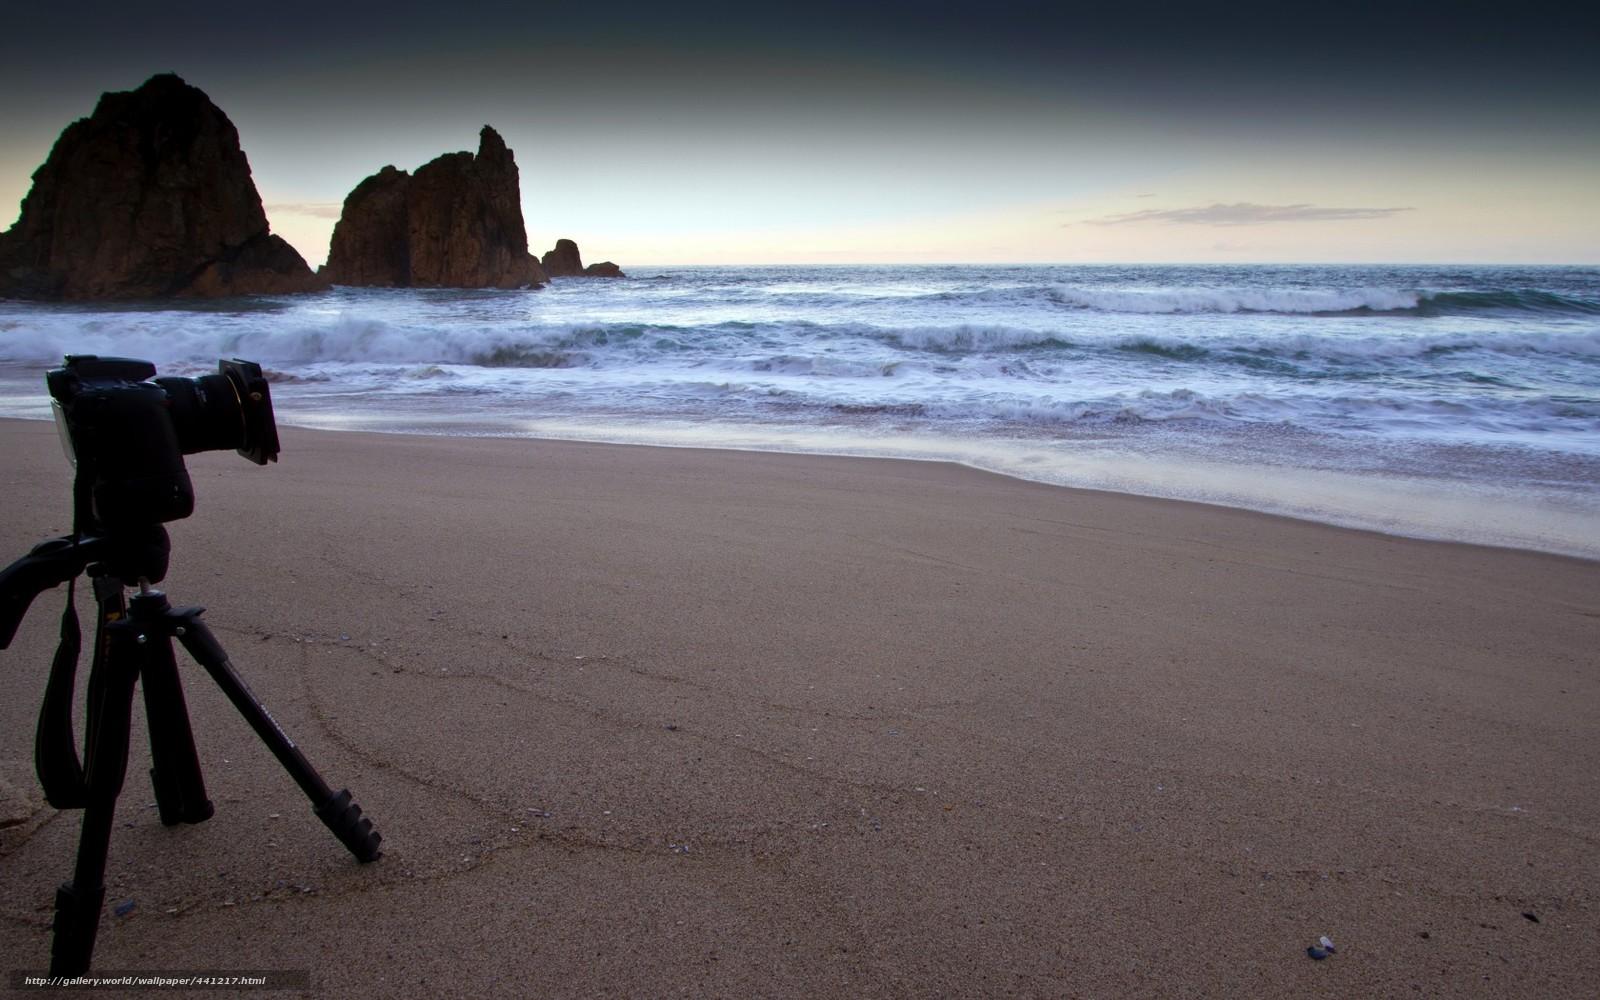 вовсе считаю, фото с найденных фотоаппаратов на пляже когда